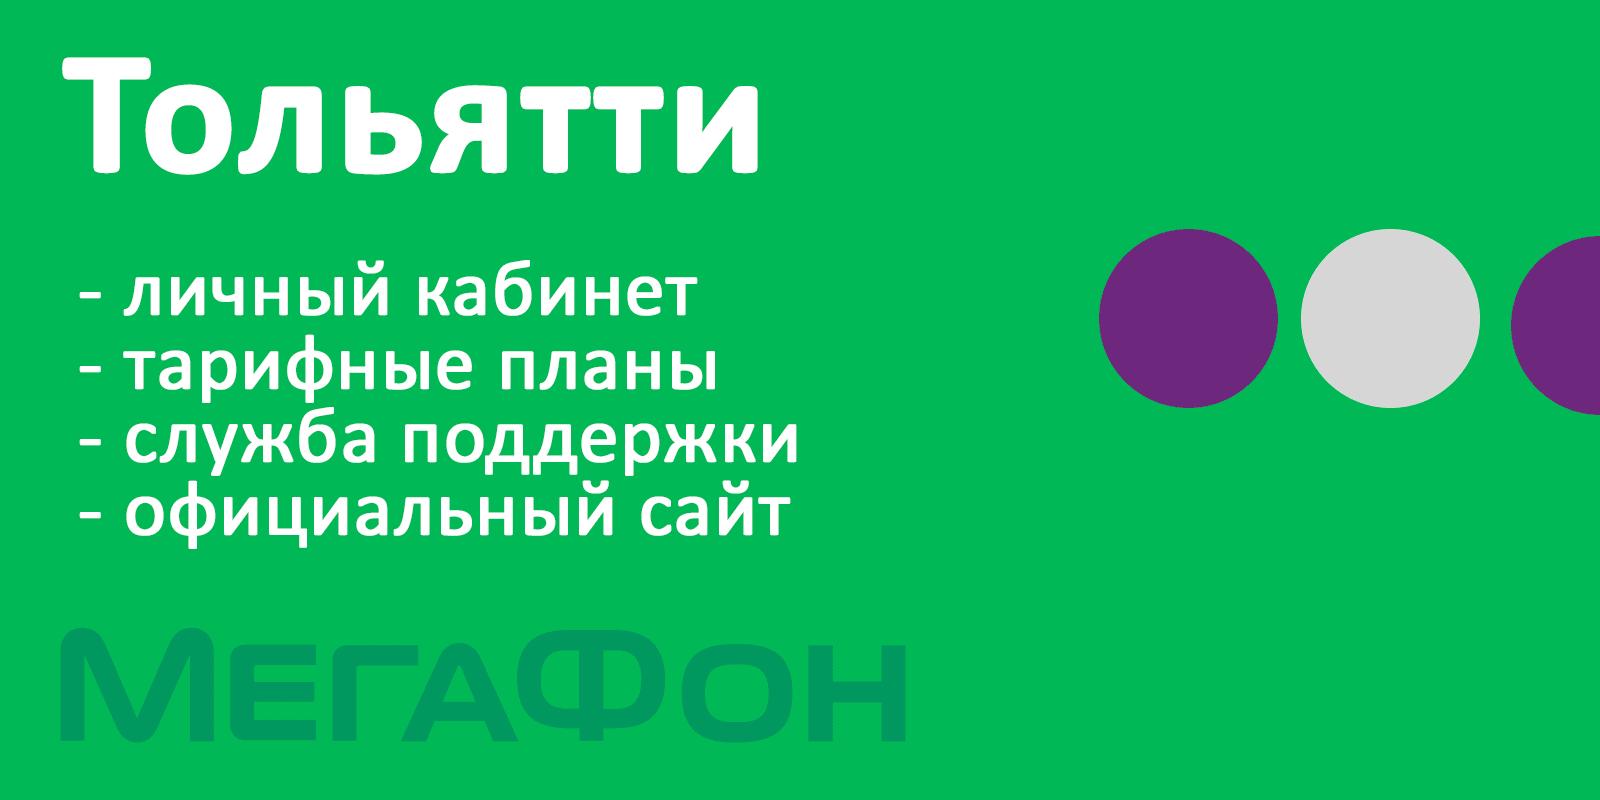 Мегафон Тольятти - личный кабинет, официальный сайт